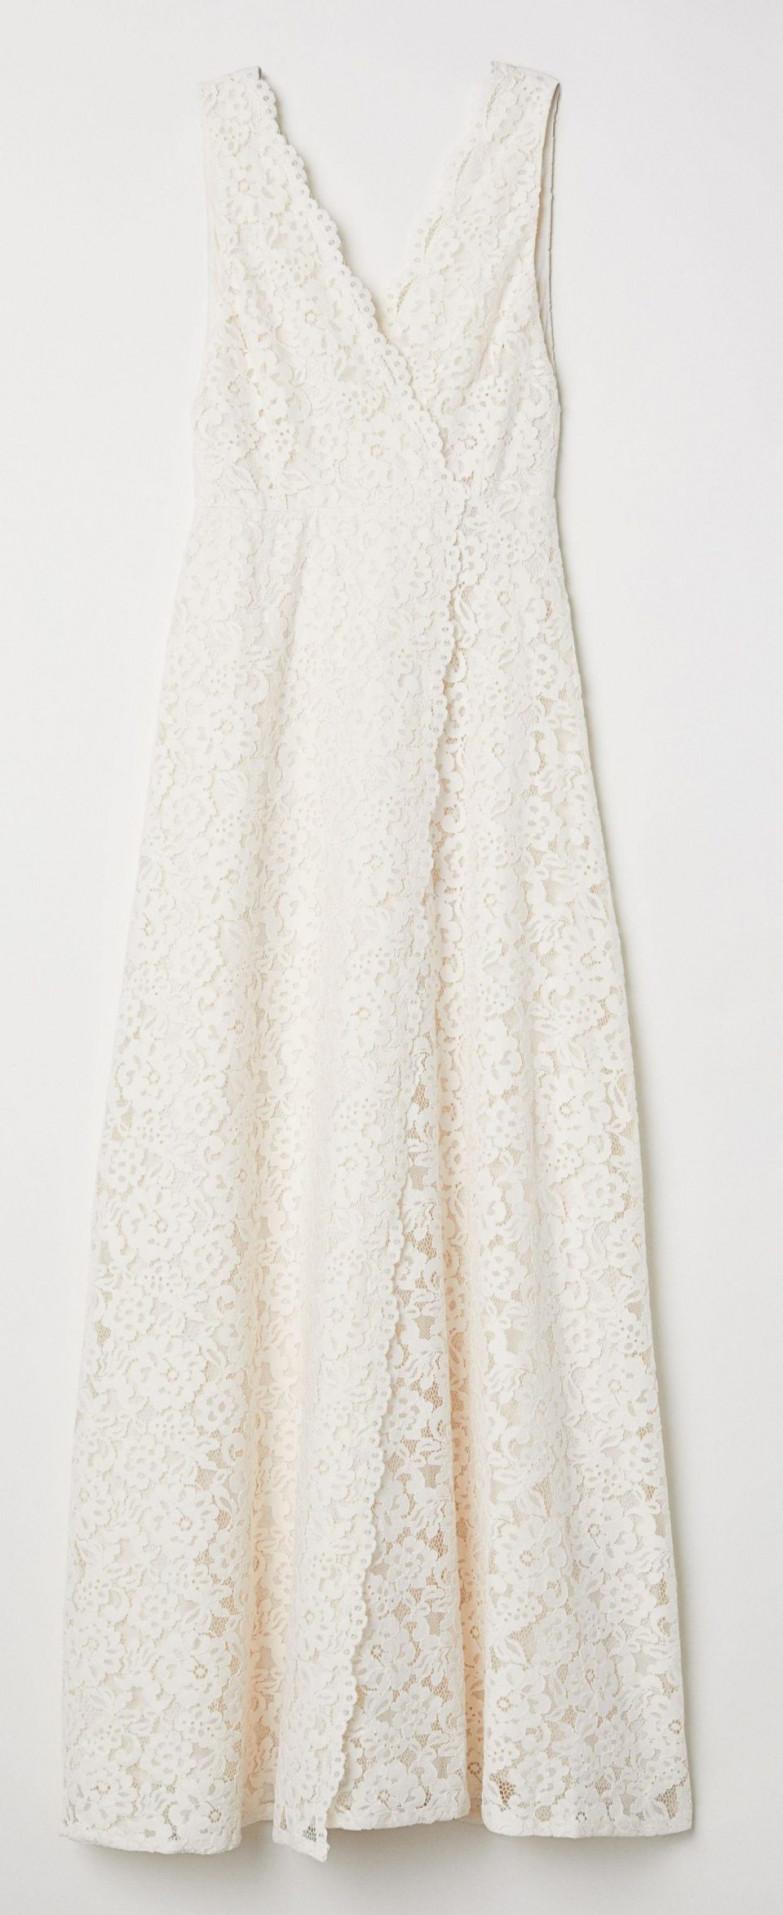 Váy cưới giá chỉ từ 1 triệu đồng cho cô dâu ngân sách eo hẹp Ảnh 8